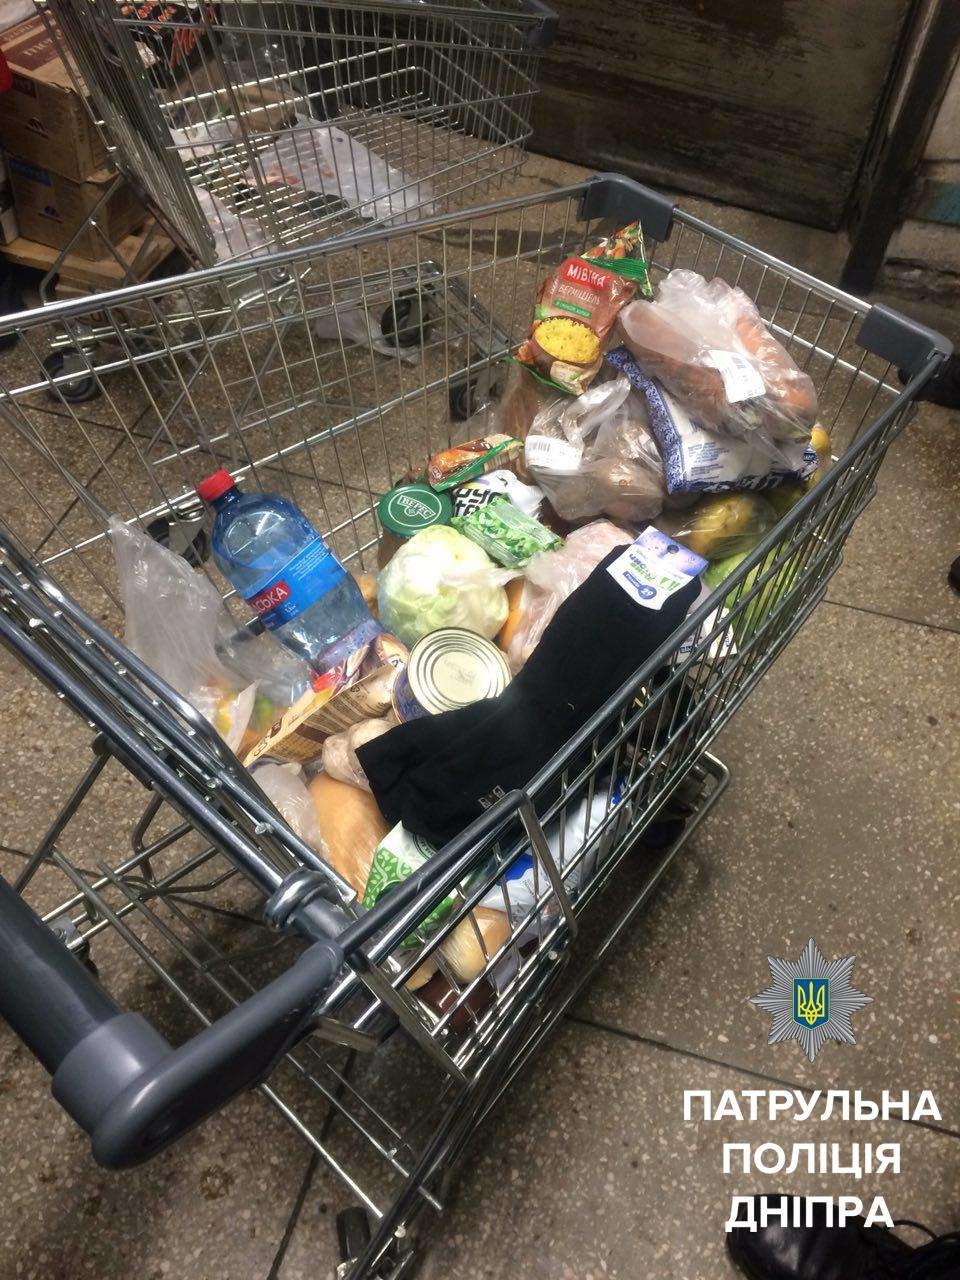 Смертельно болен: в Днепре мужчина съел продукты прямо в супермаркете  (ФОТО), фото-3